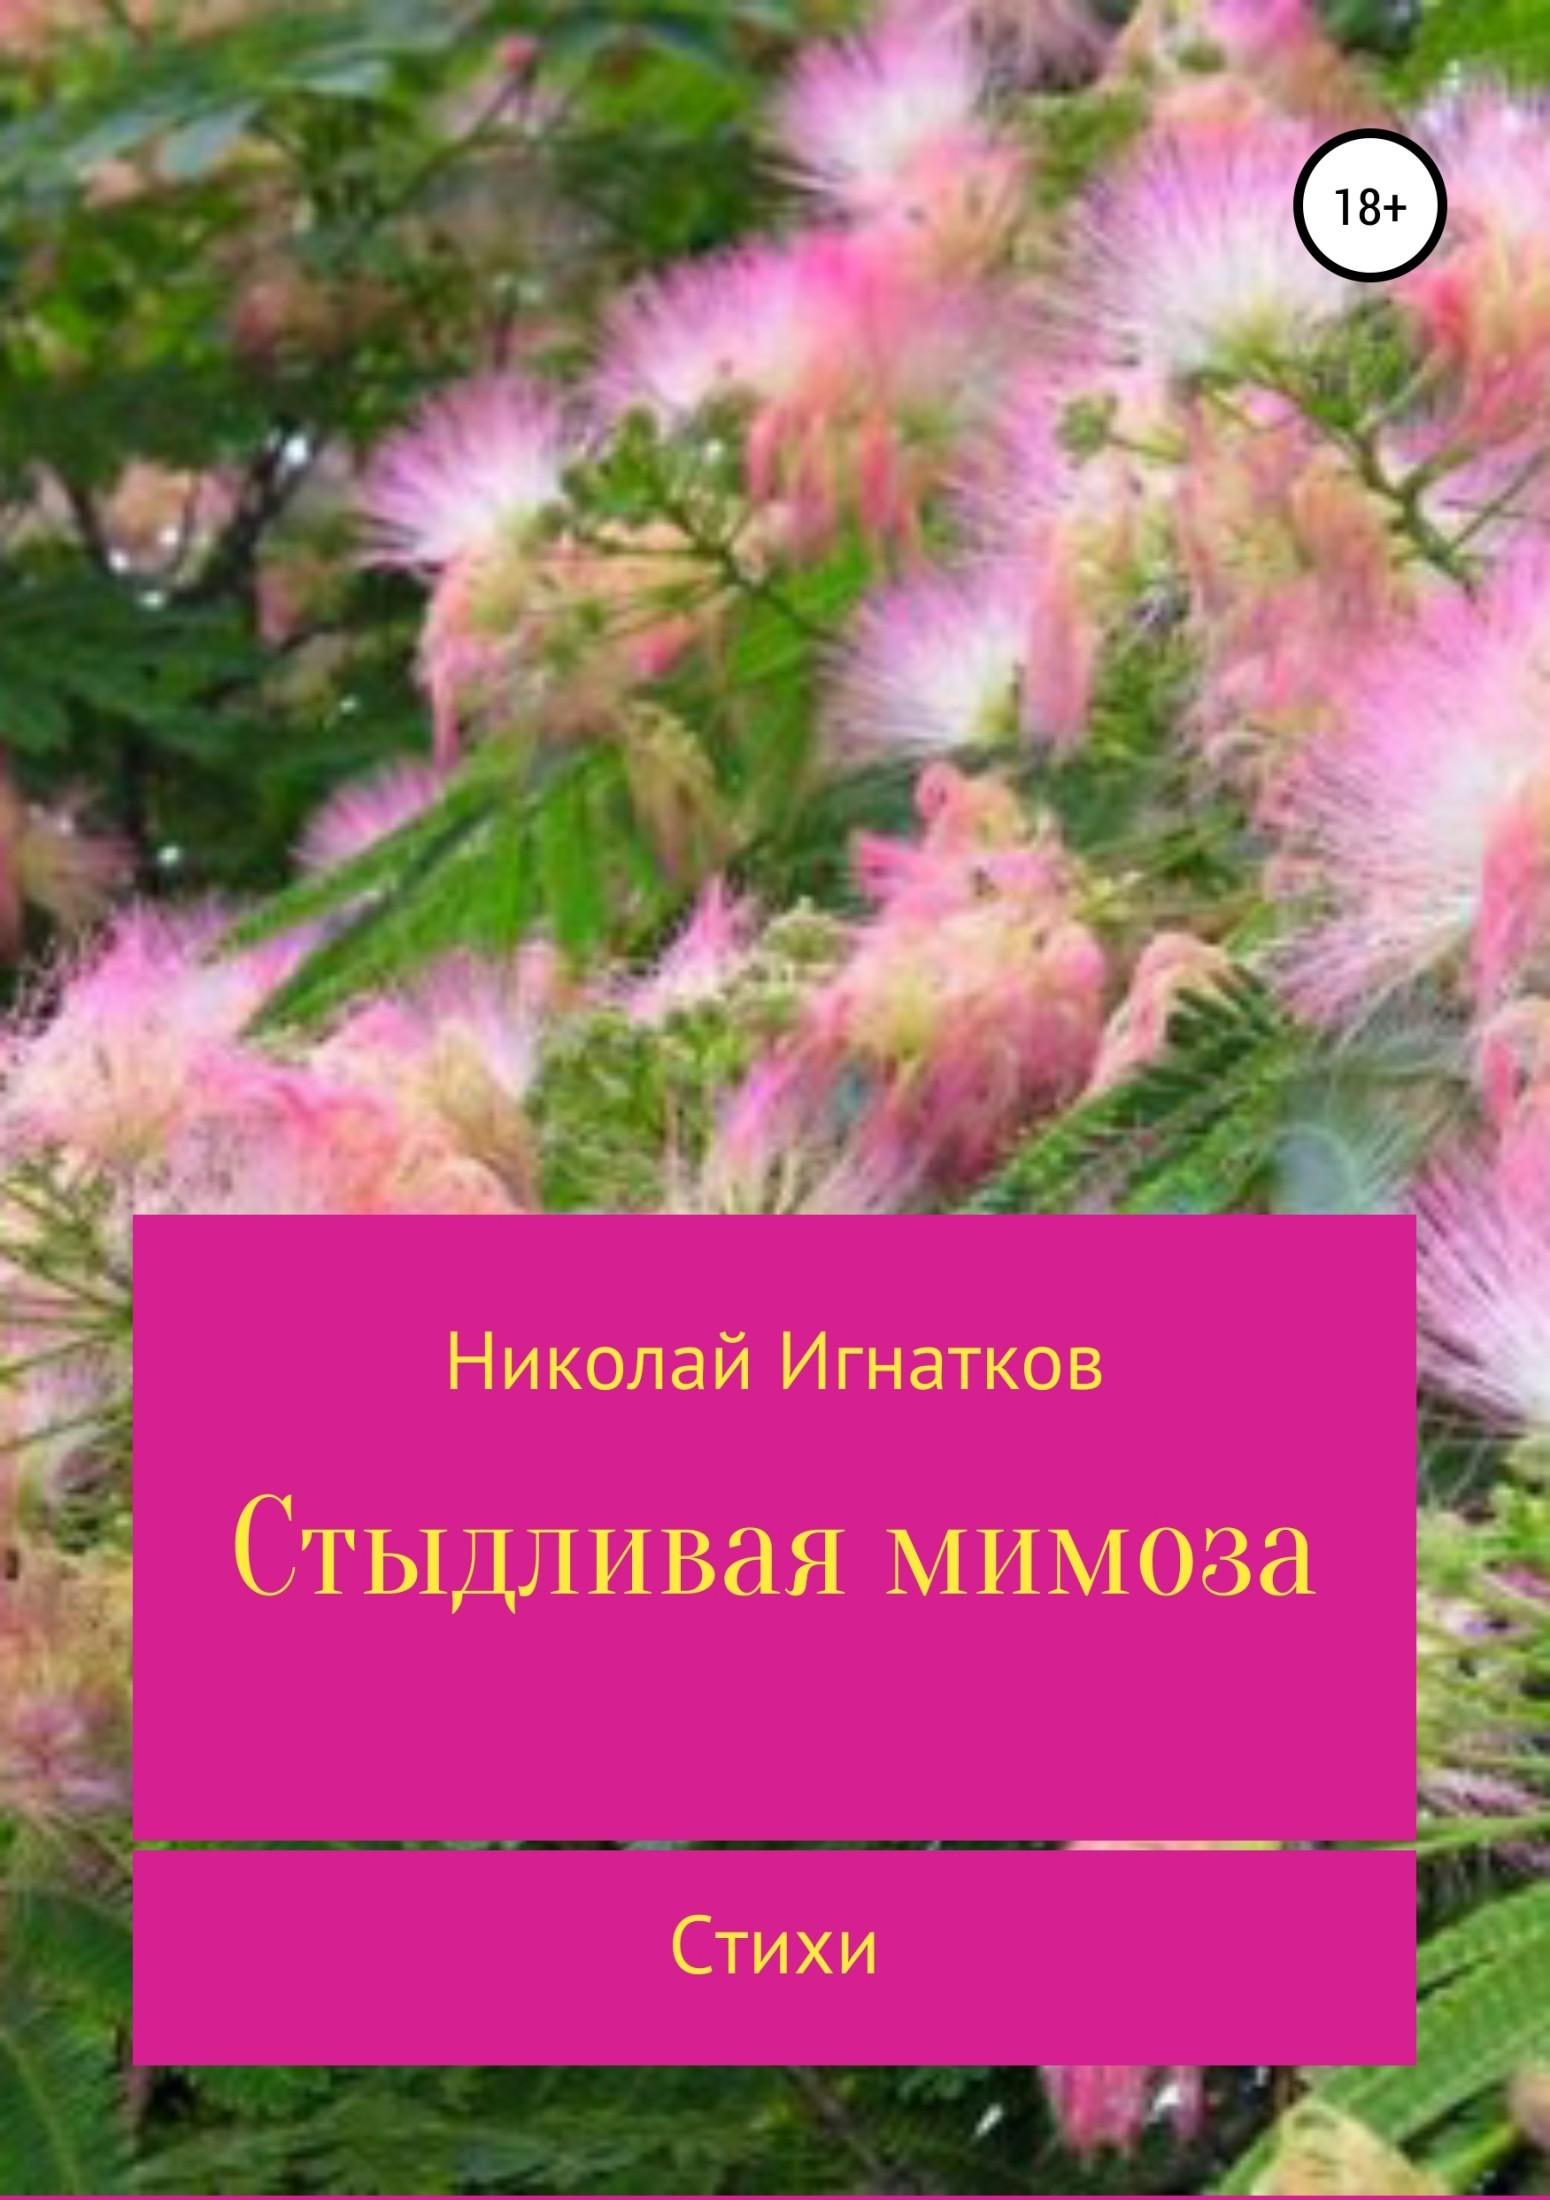 Николай Викторович Игнатков Стыдливая мимоза. Сборник стихотворений цена